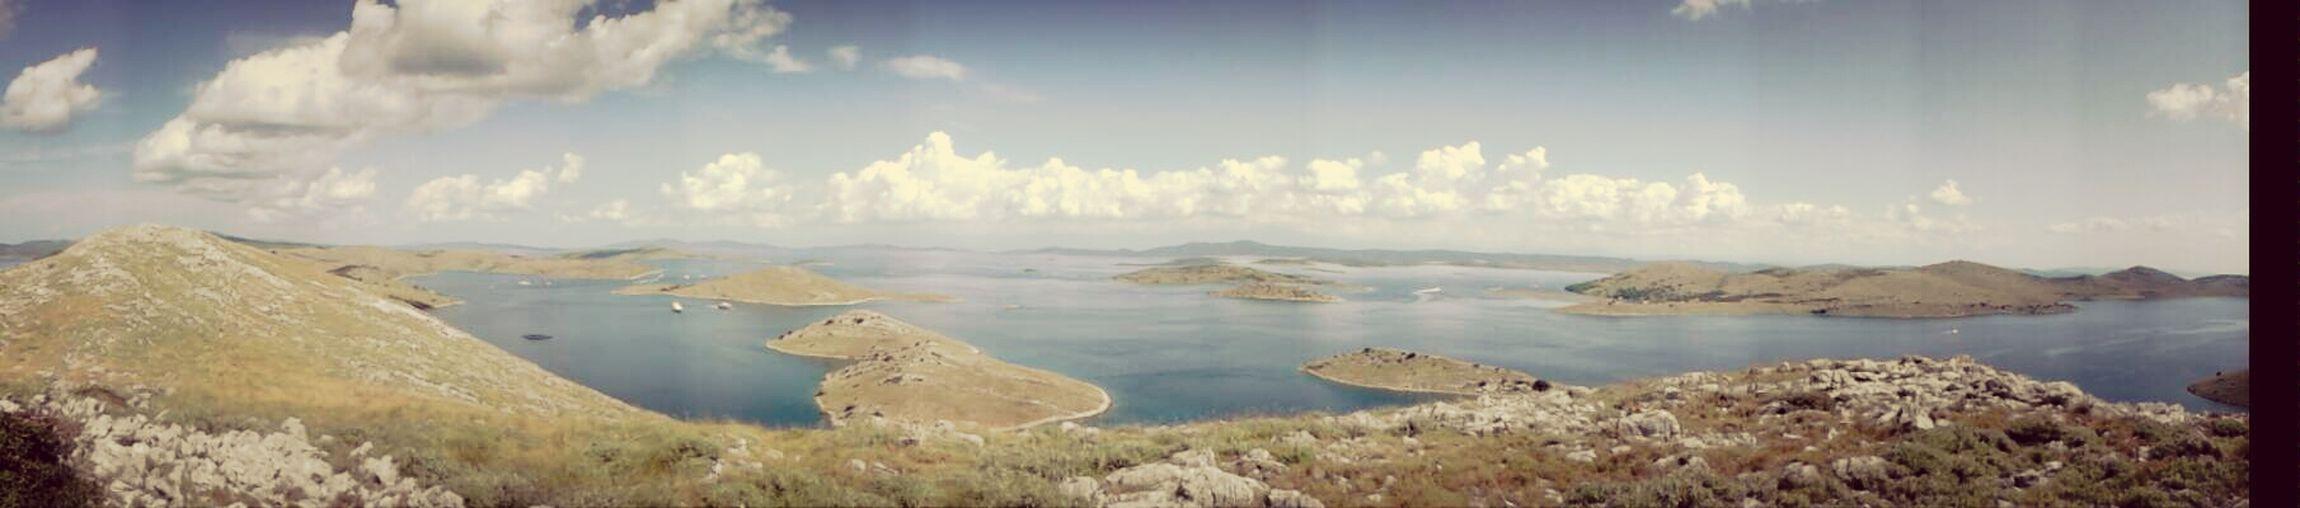 Kornati Island Home Montefato Topini #fatica #insolazioni #ciaoglolli #ciaogandalfguardacomemidiverto #torneròsolopersam